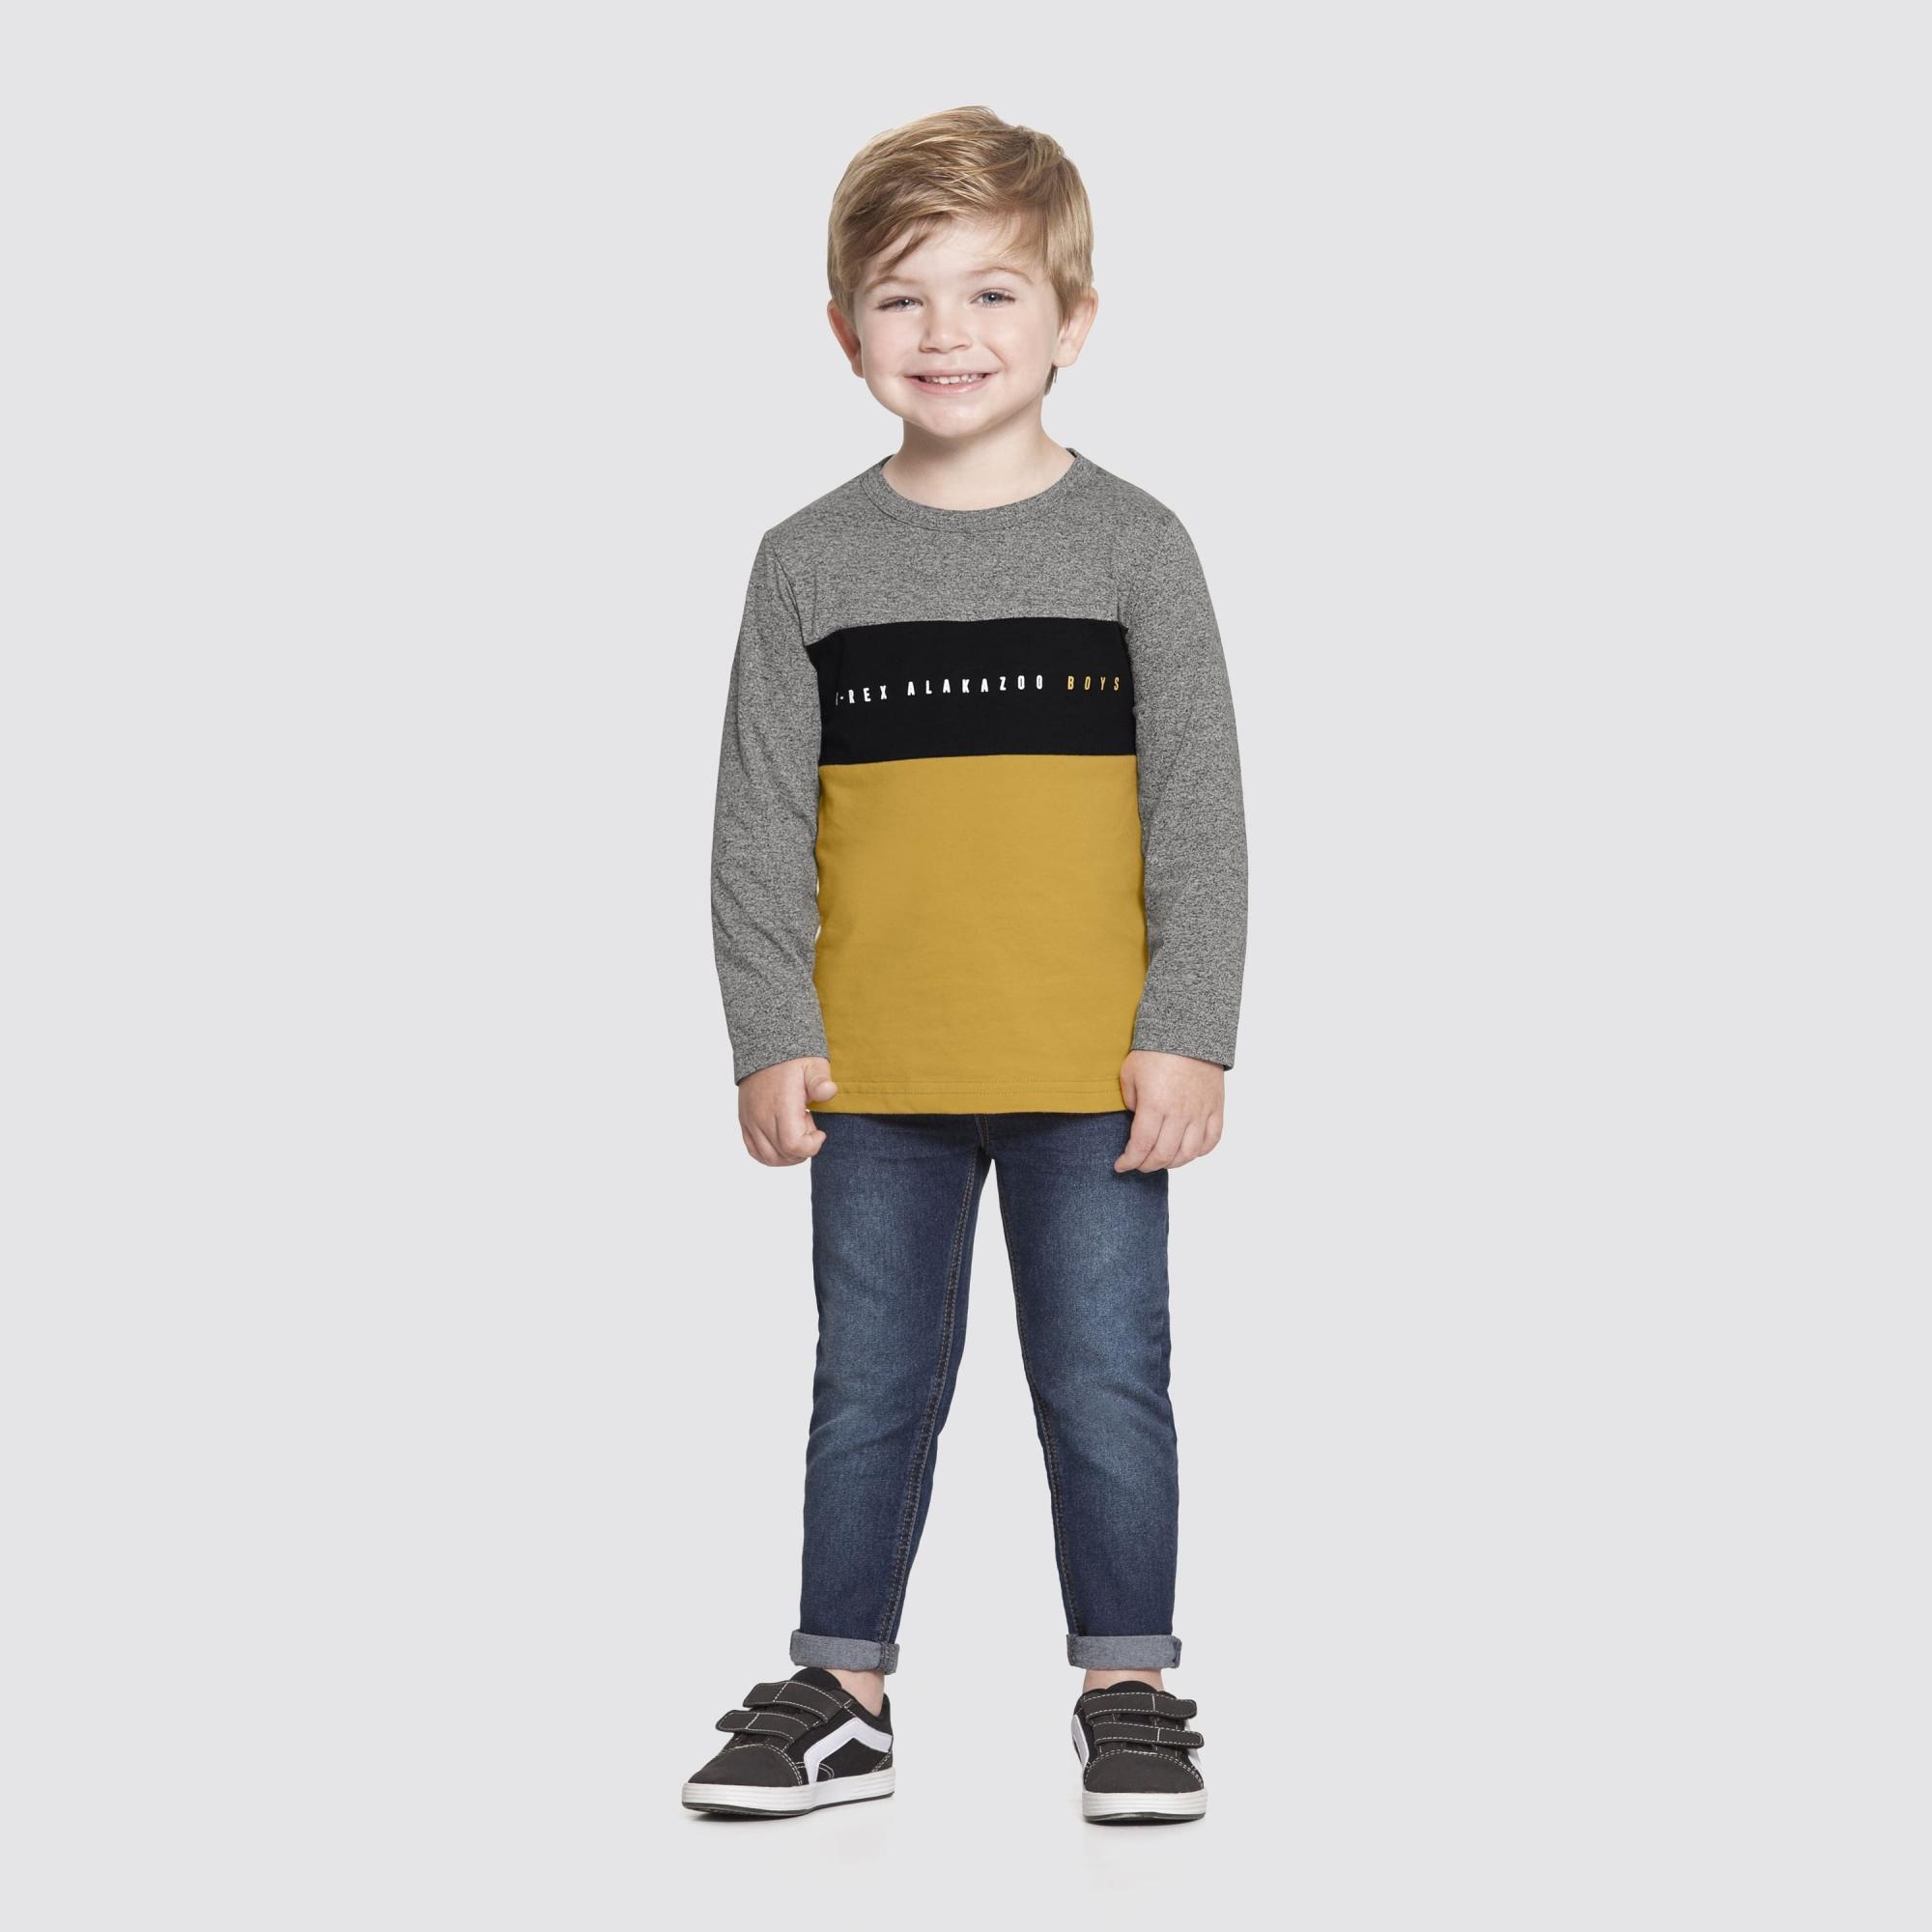 Camiseta Lunender Moletom - 62584